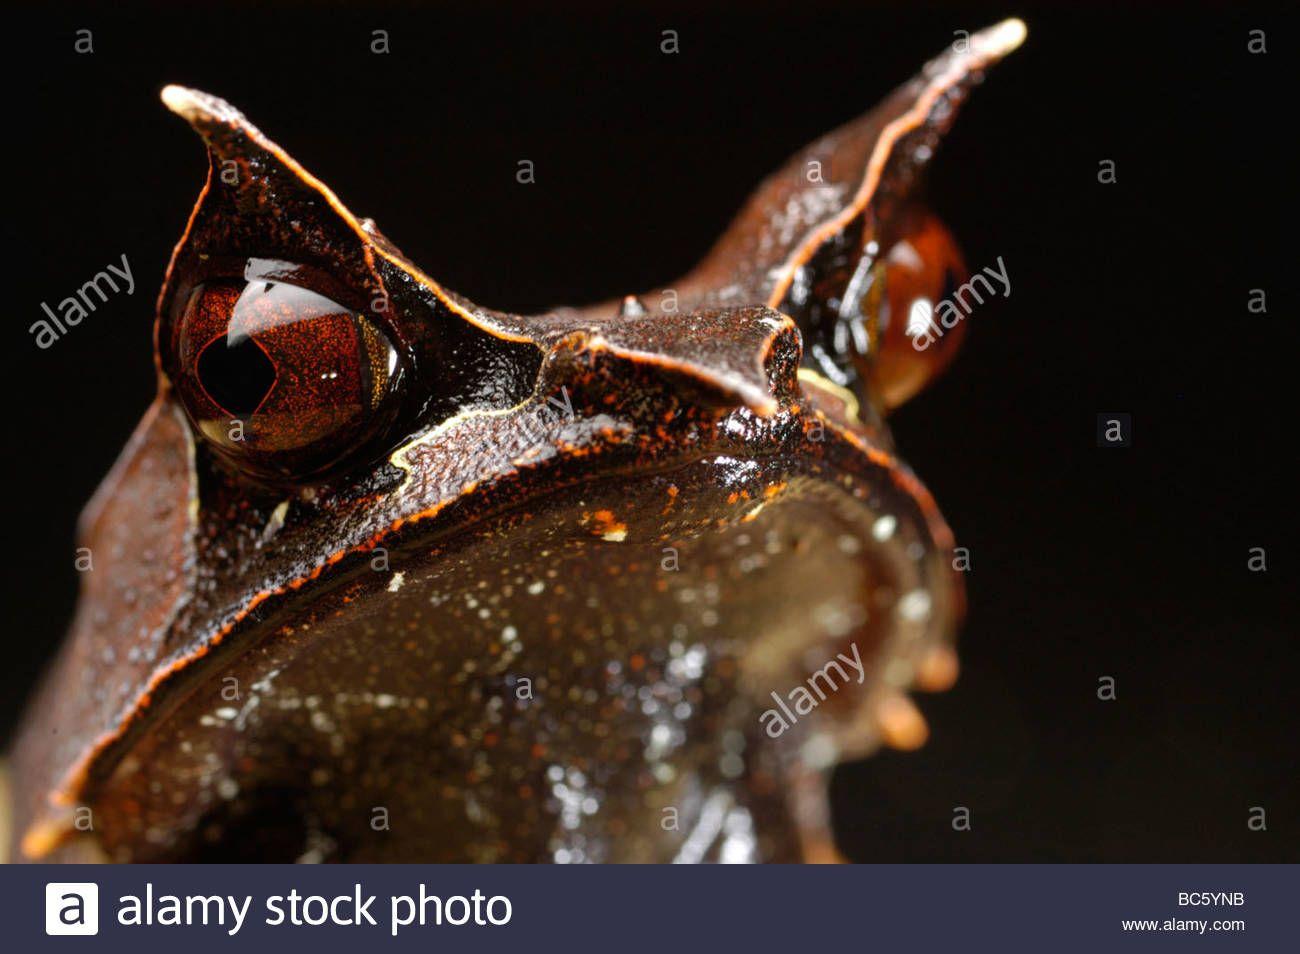 Bornean Horned Frog Megophrys Nasuta Also Called Malayan Horned Frog Bc5 Ynb Epide